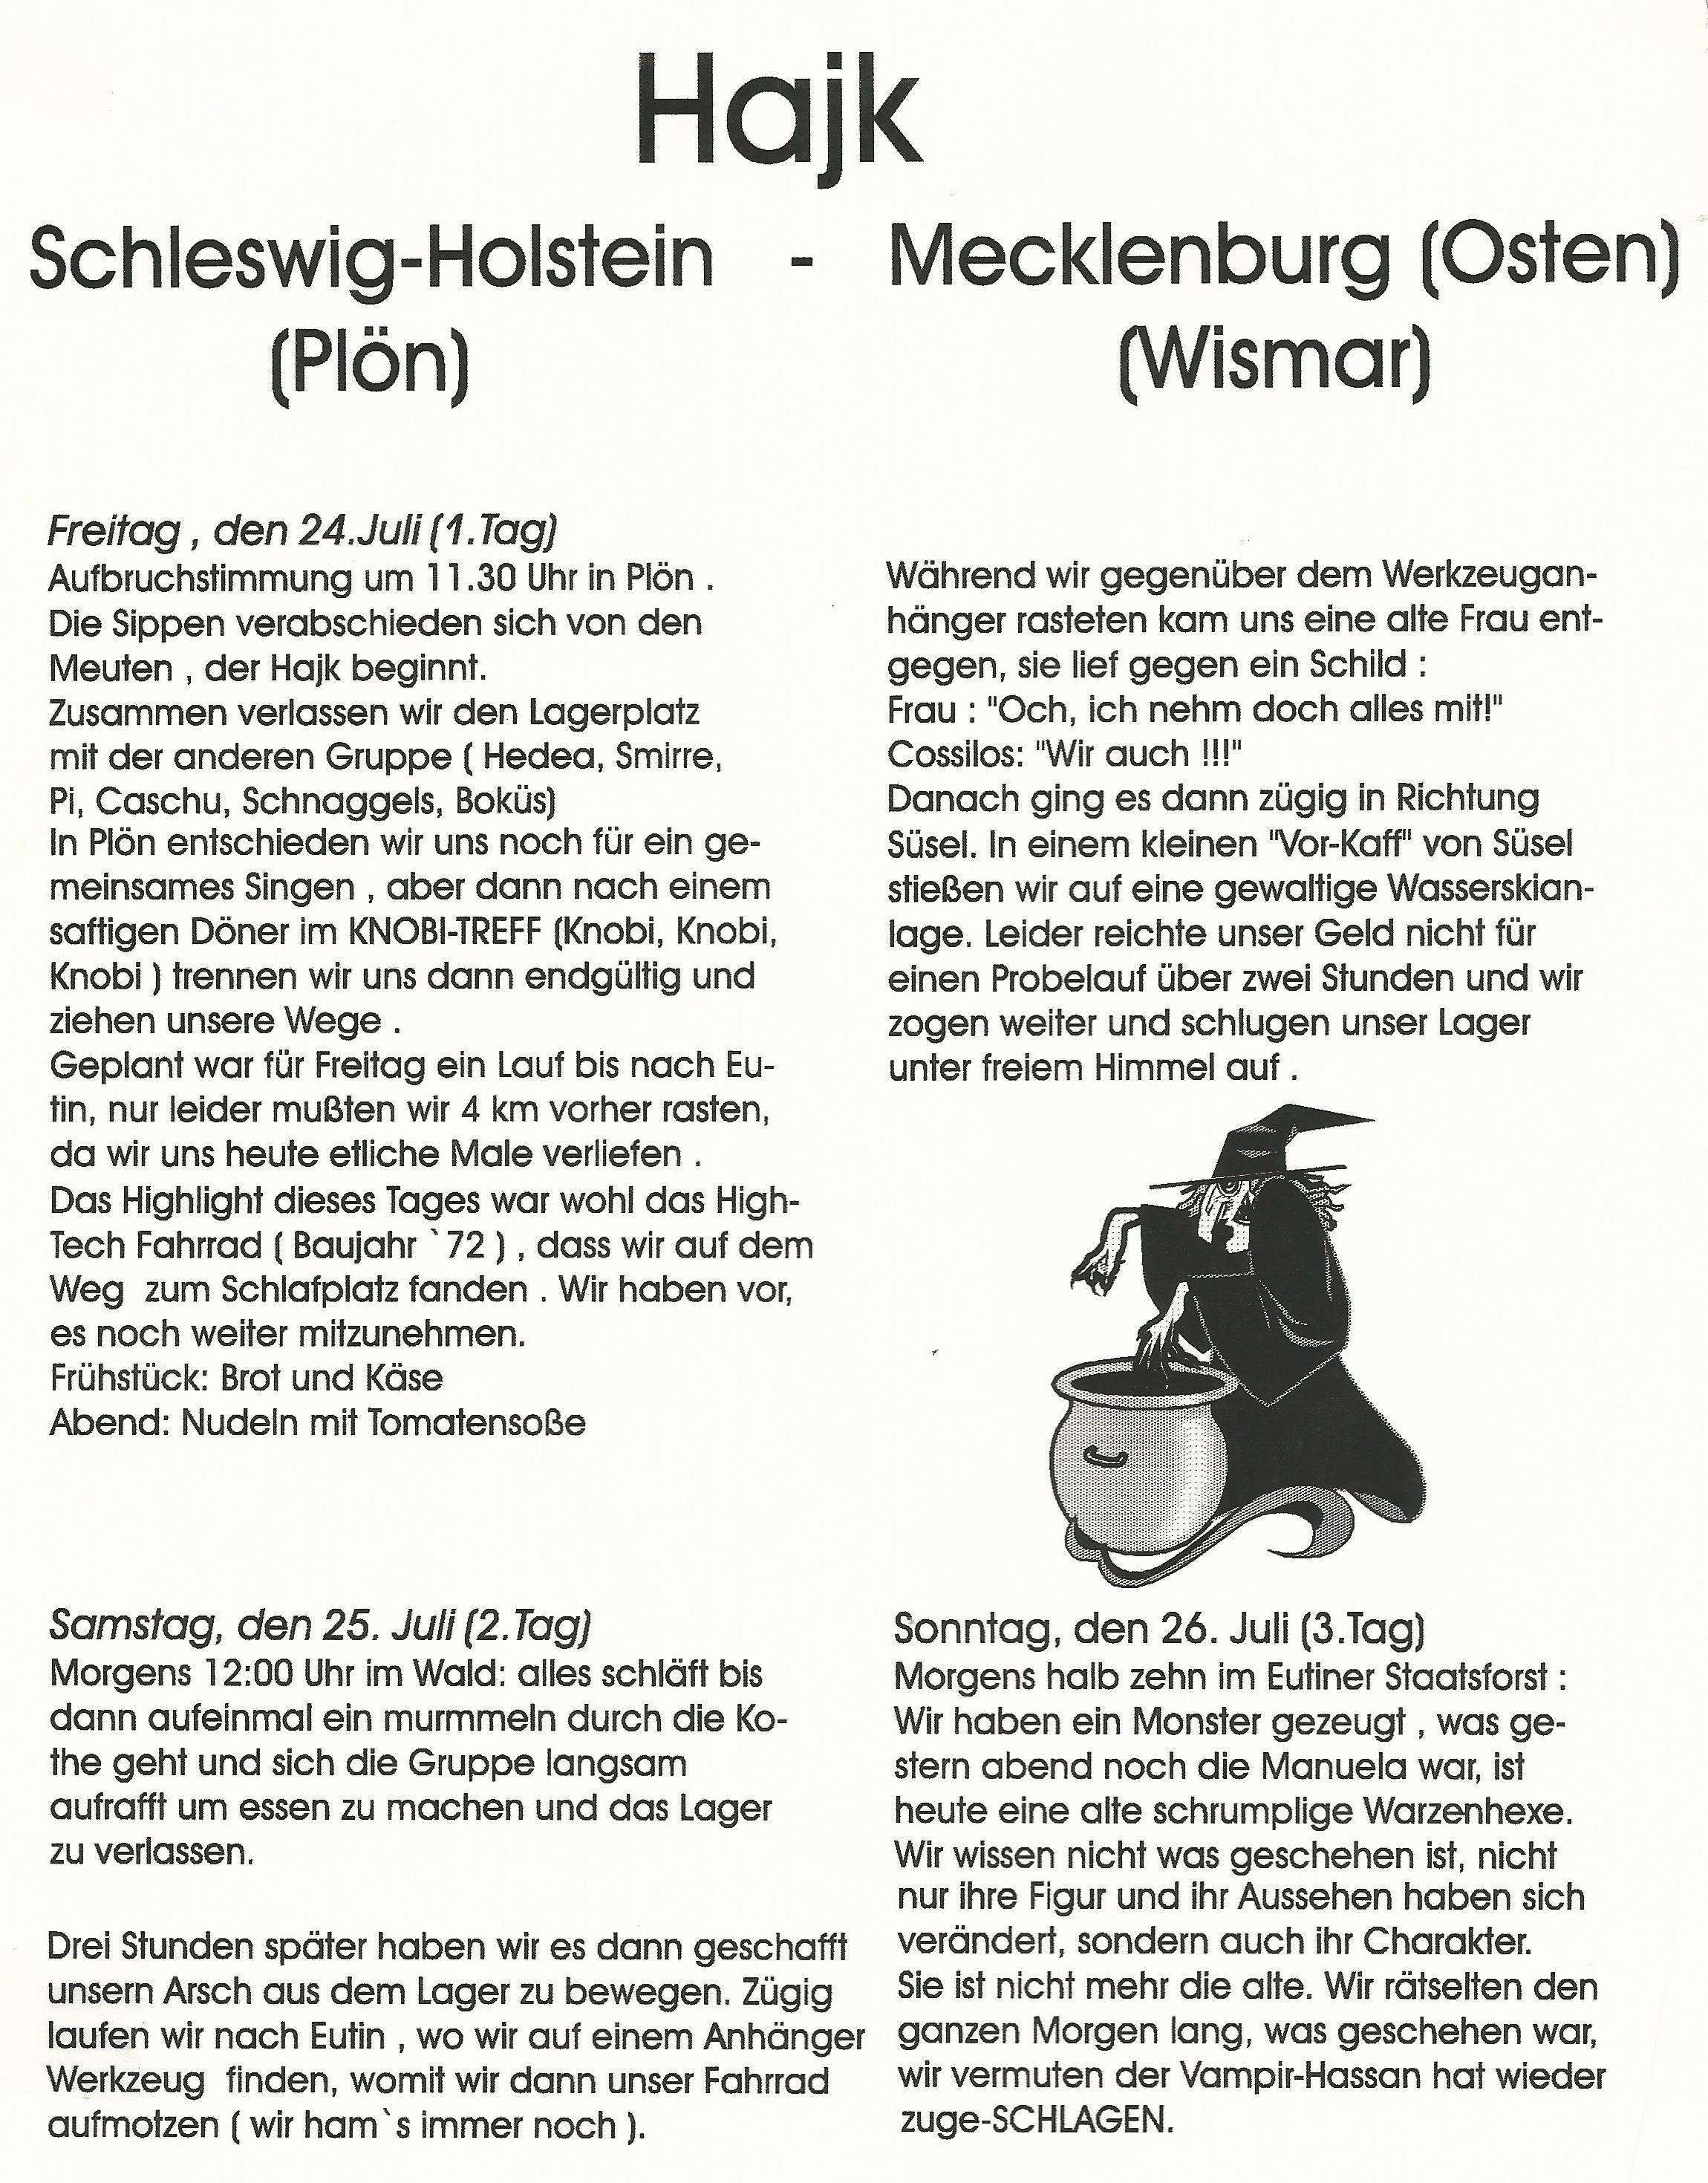 SoLa 1998 Hajk Plön Wismar0001